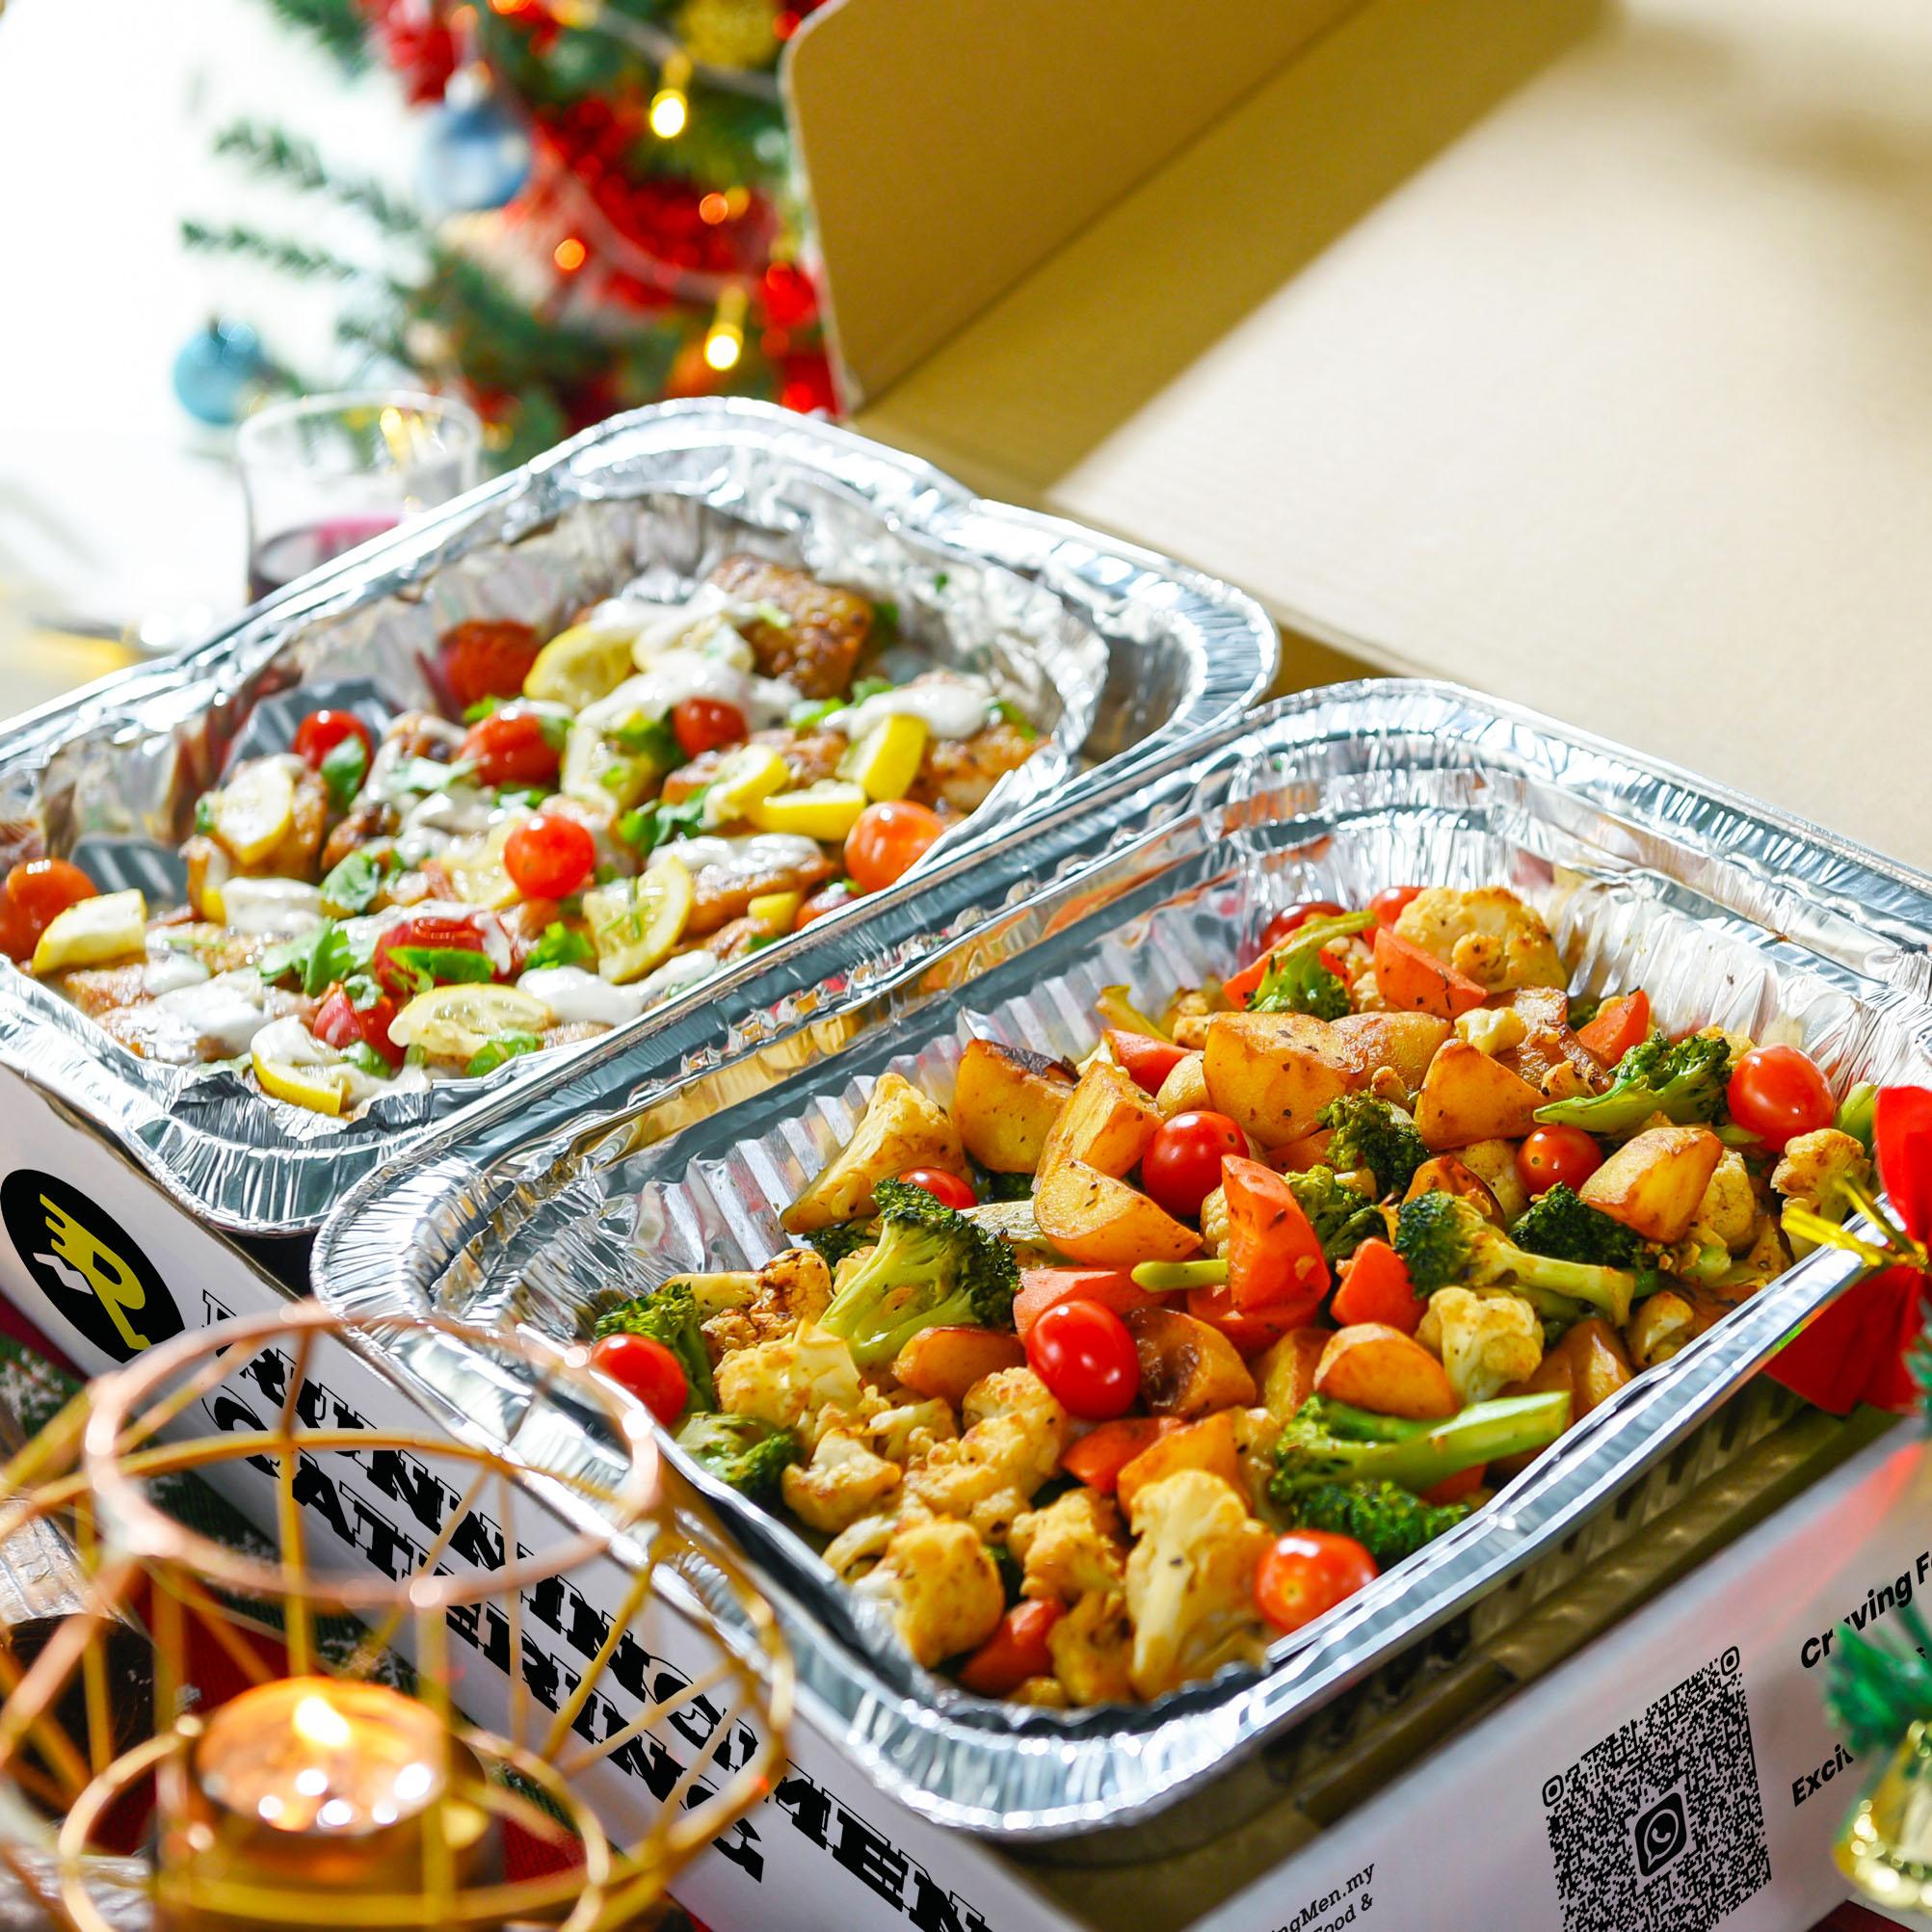 runningmen catering christmas 2020 mixed vegies and fruits